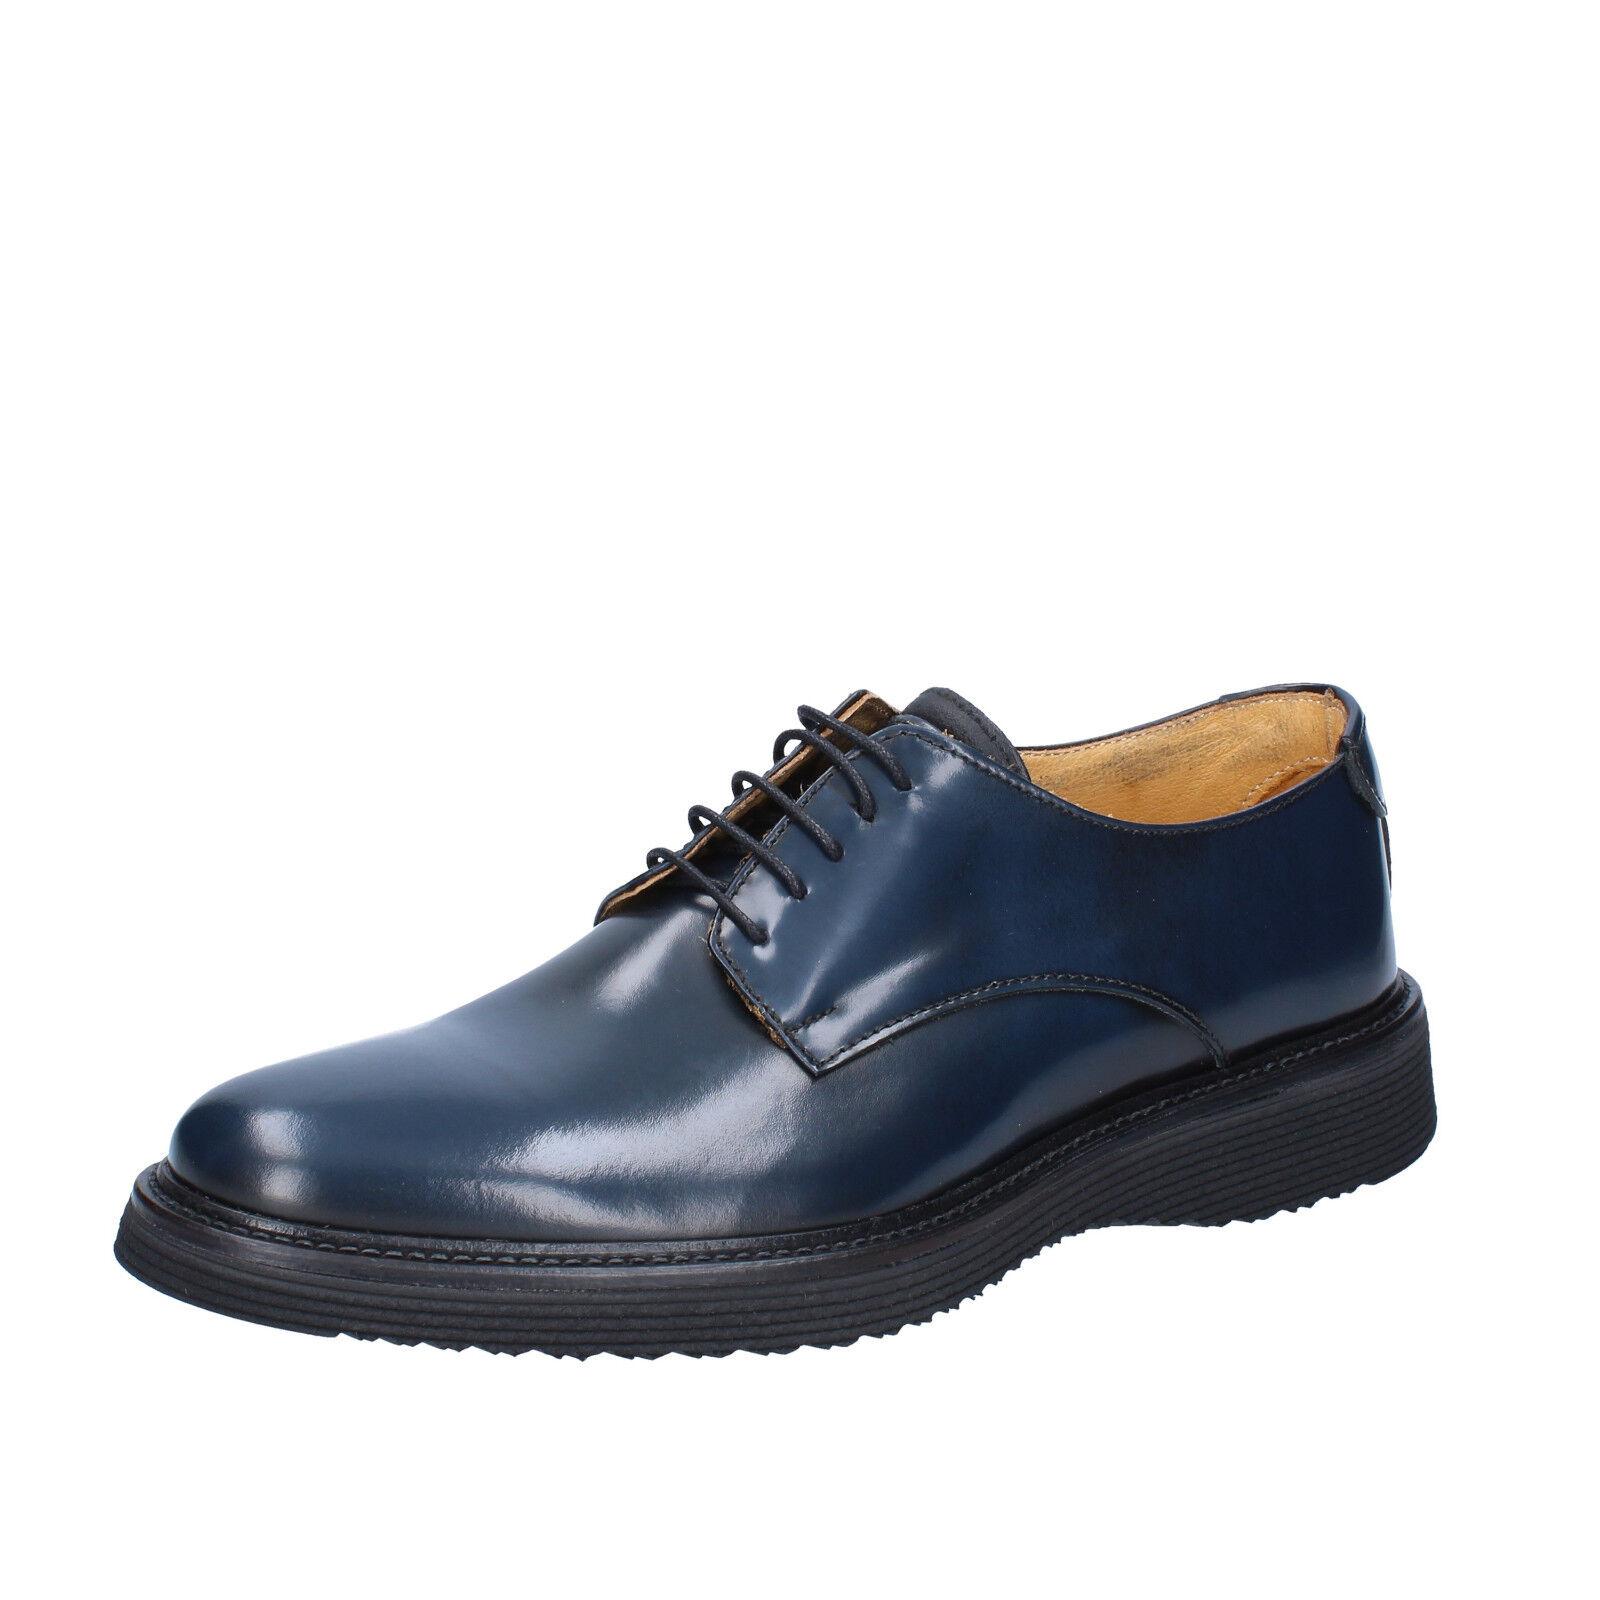 Herren schuhe SALVO BARONE 41 EU elegante Blau Leder BZ146-C